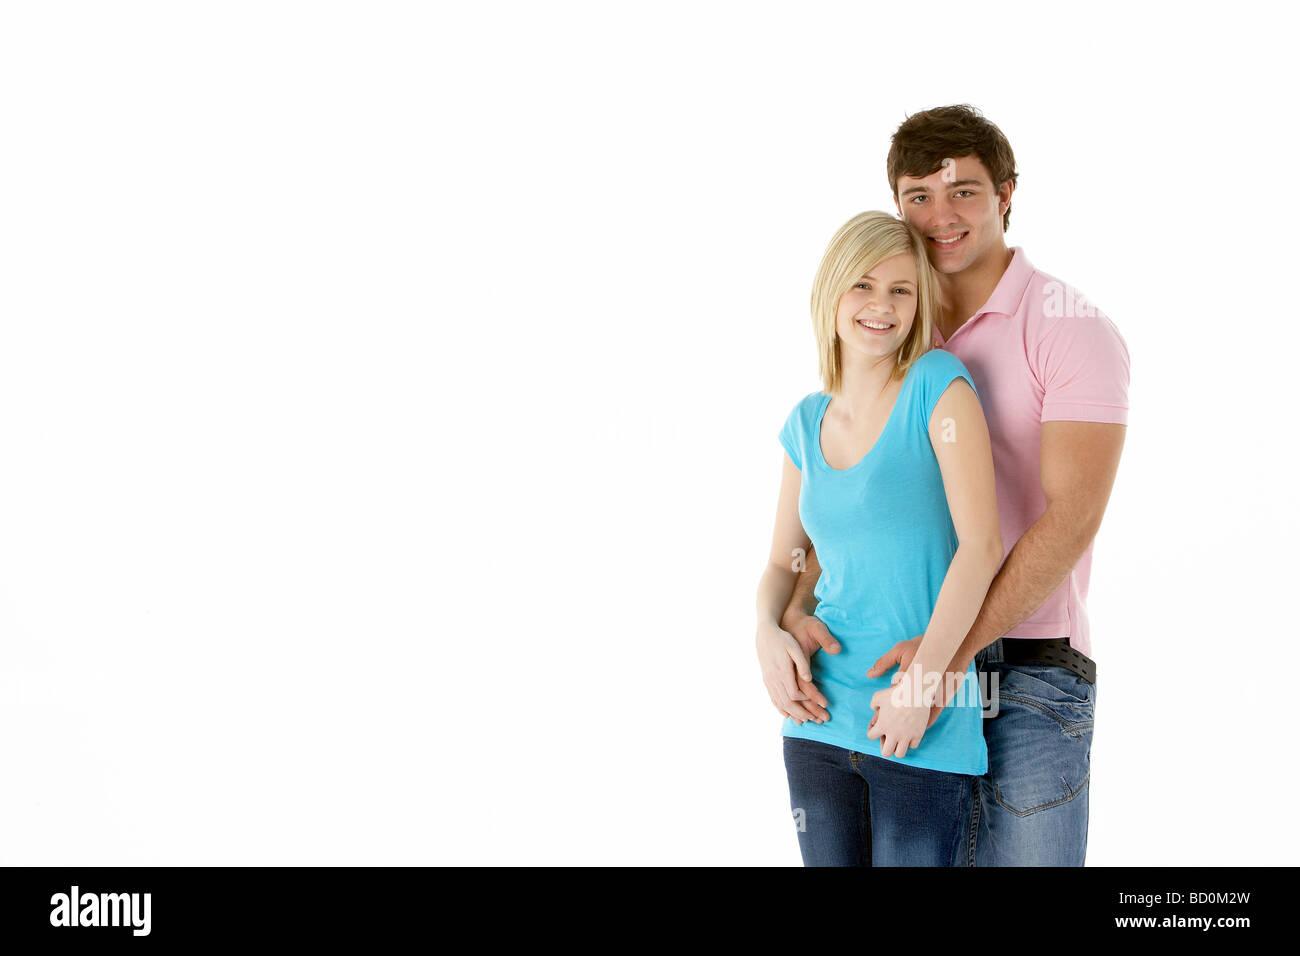 Teenage Couple In Studio - Stock Image